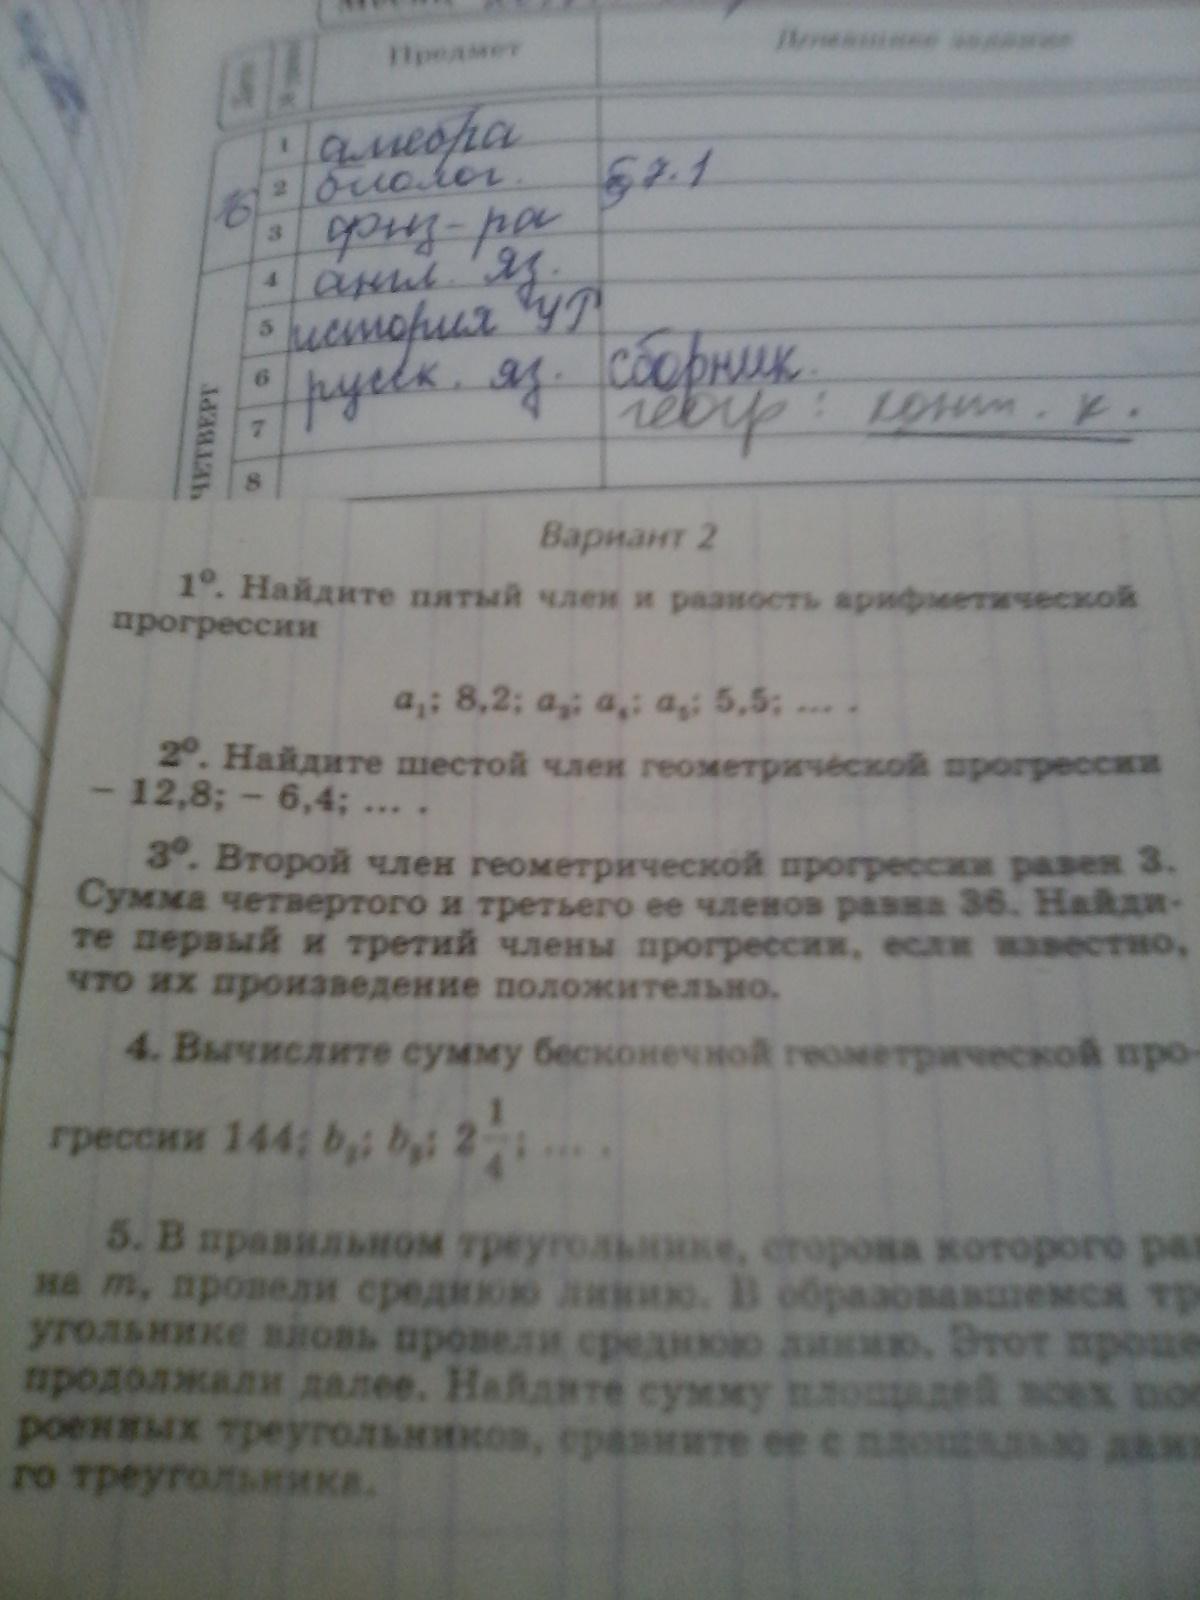 pyatiy-chlen